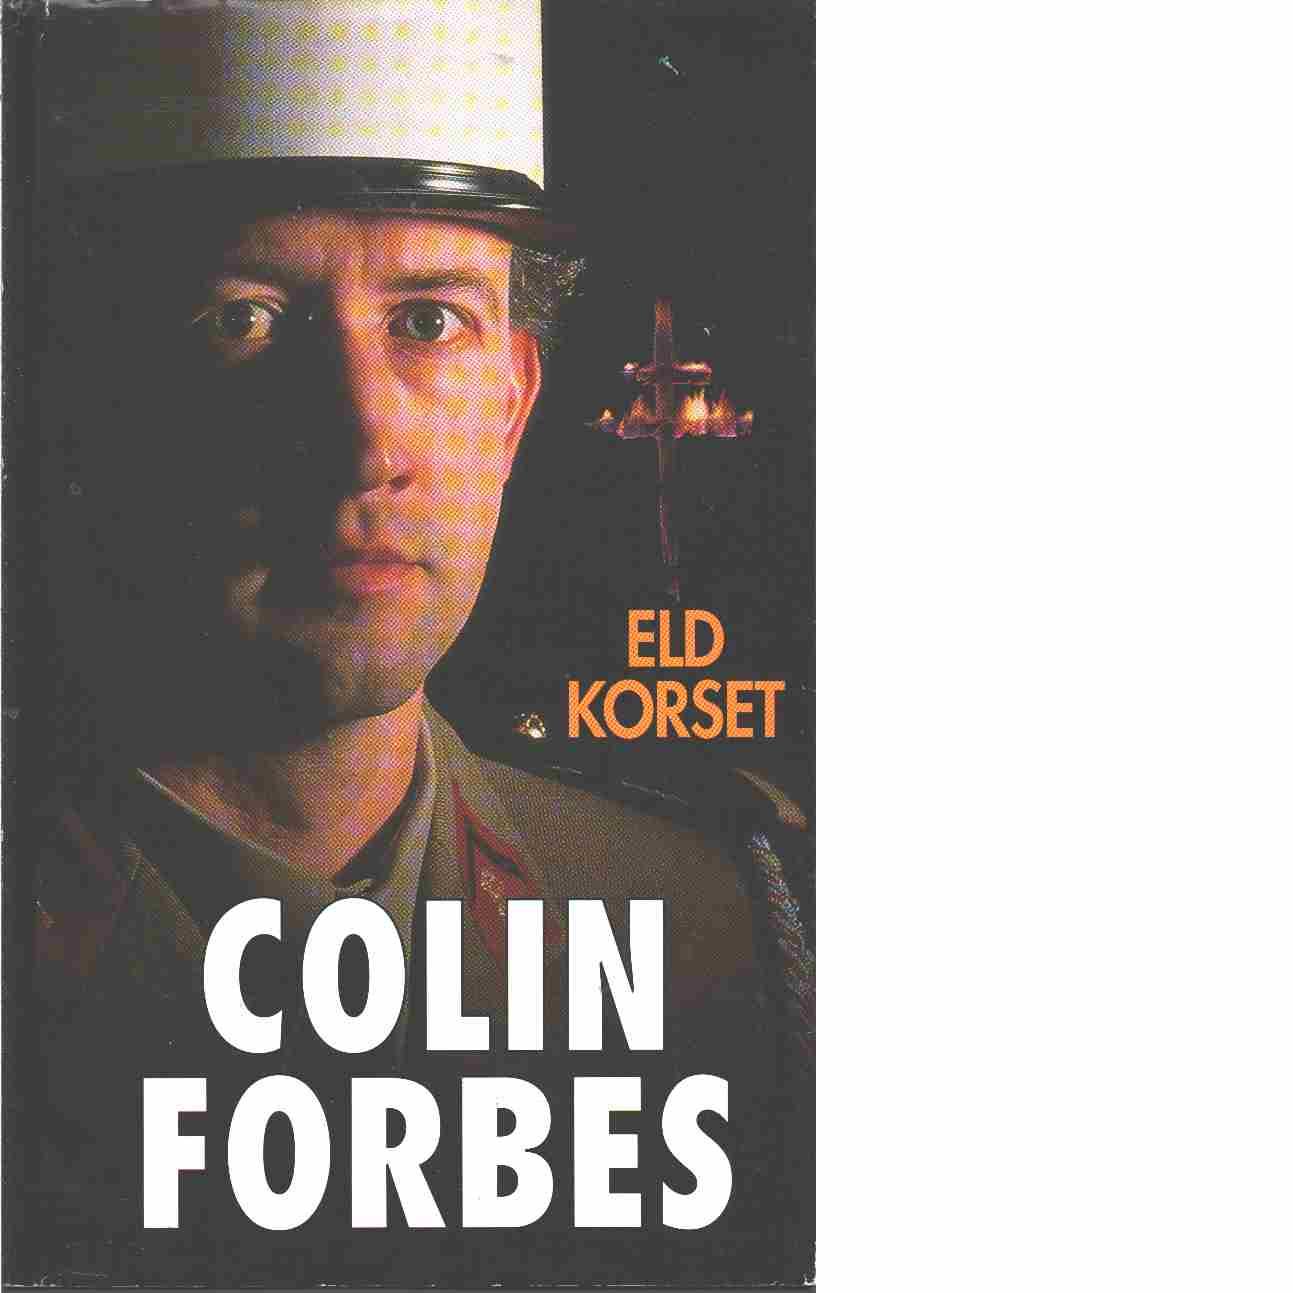 Eldkorset - Forbes, Colin